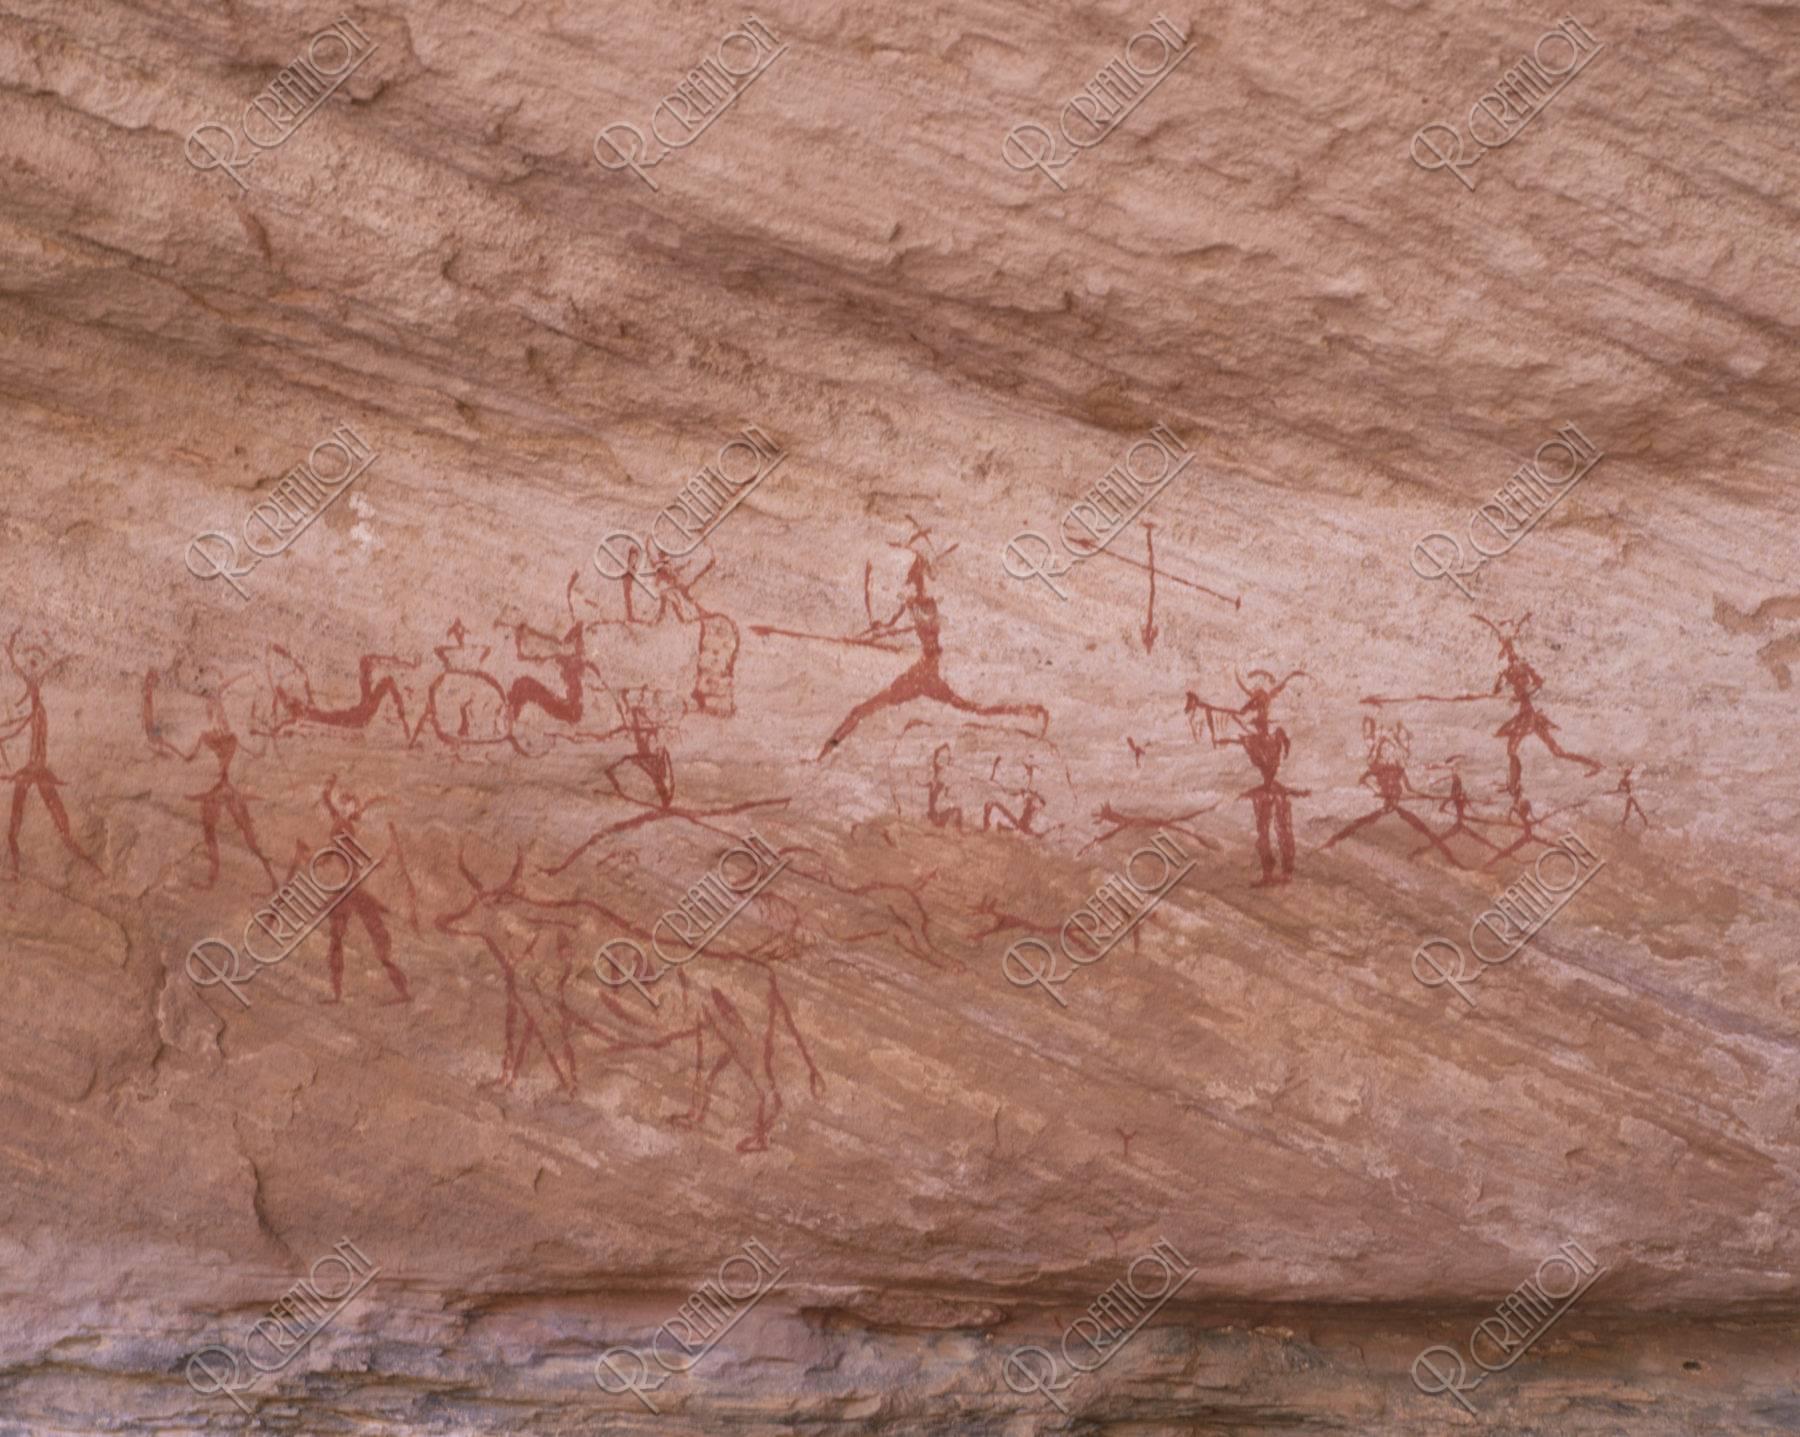 岩壁画 狩猟 W.H